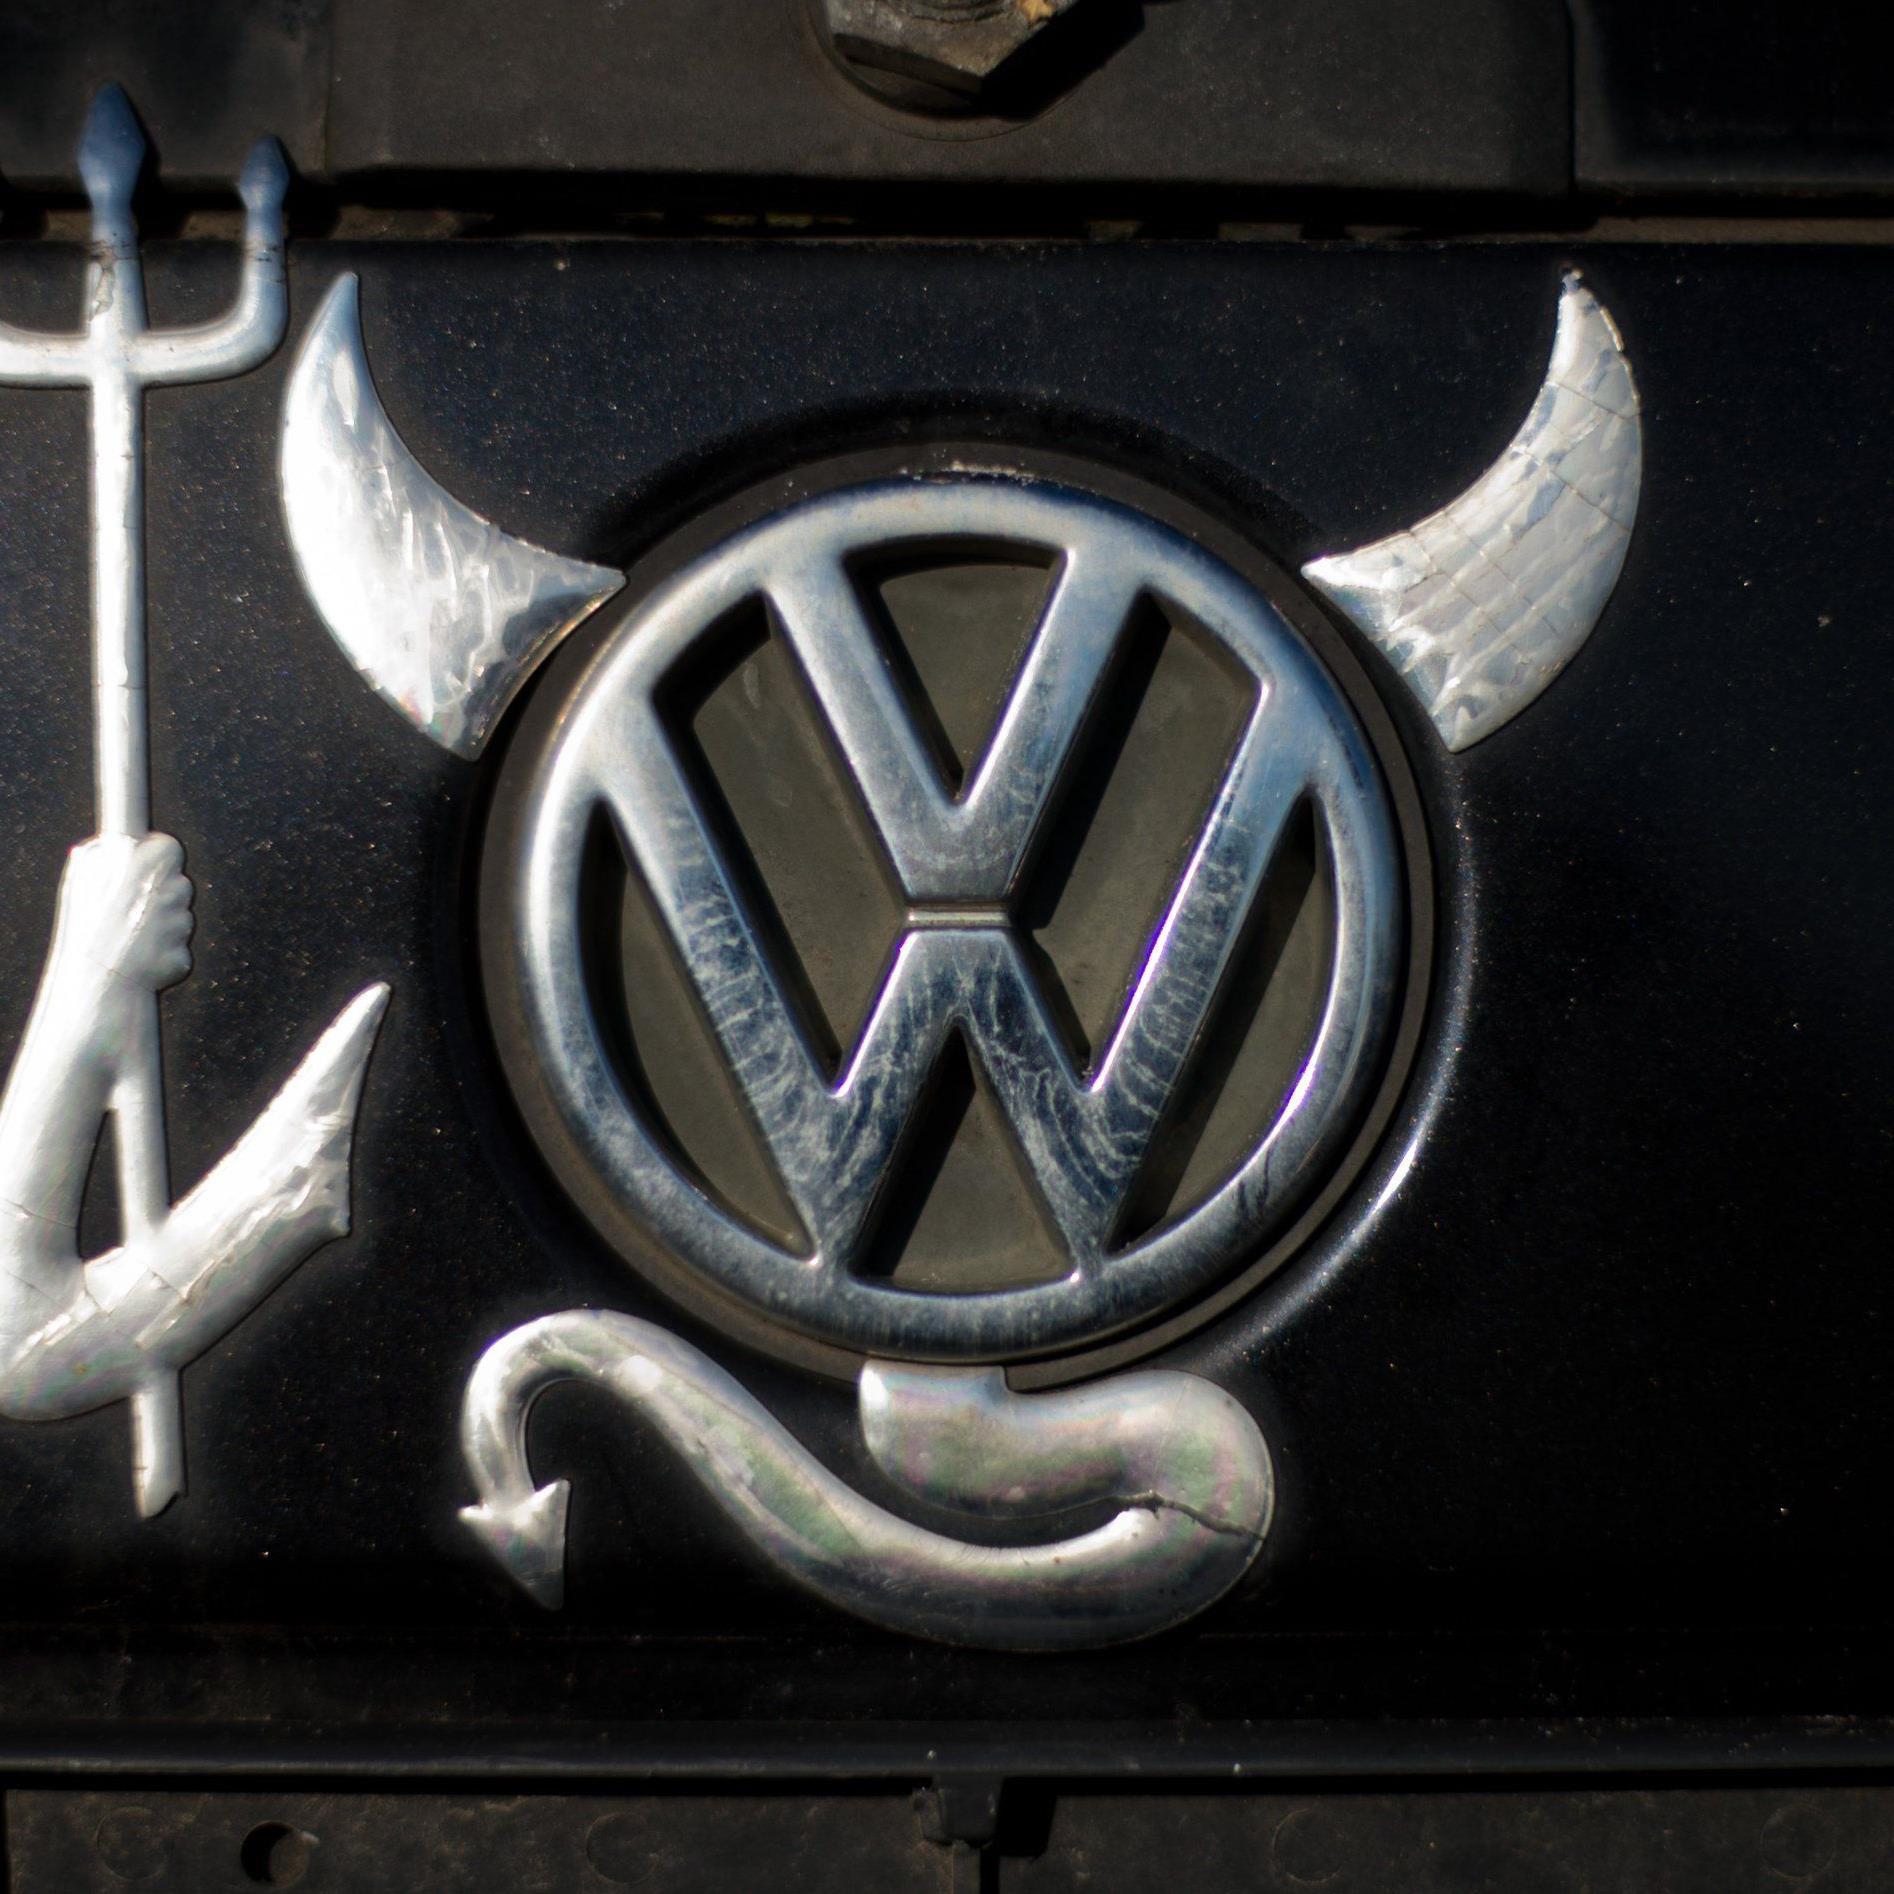 VW-Skandal: Vieles liegt nach wie vor im Dunkeln.